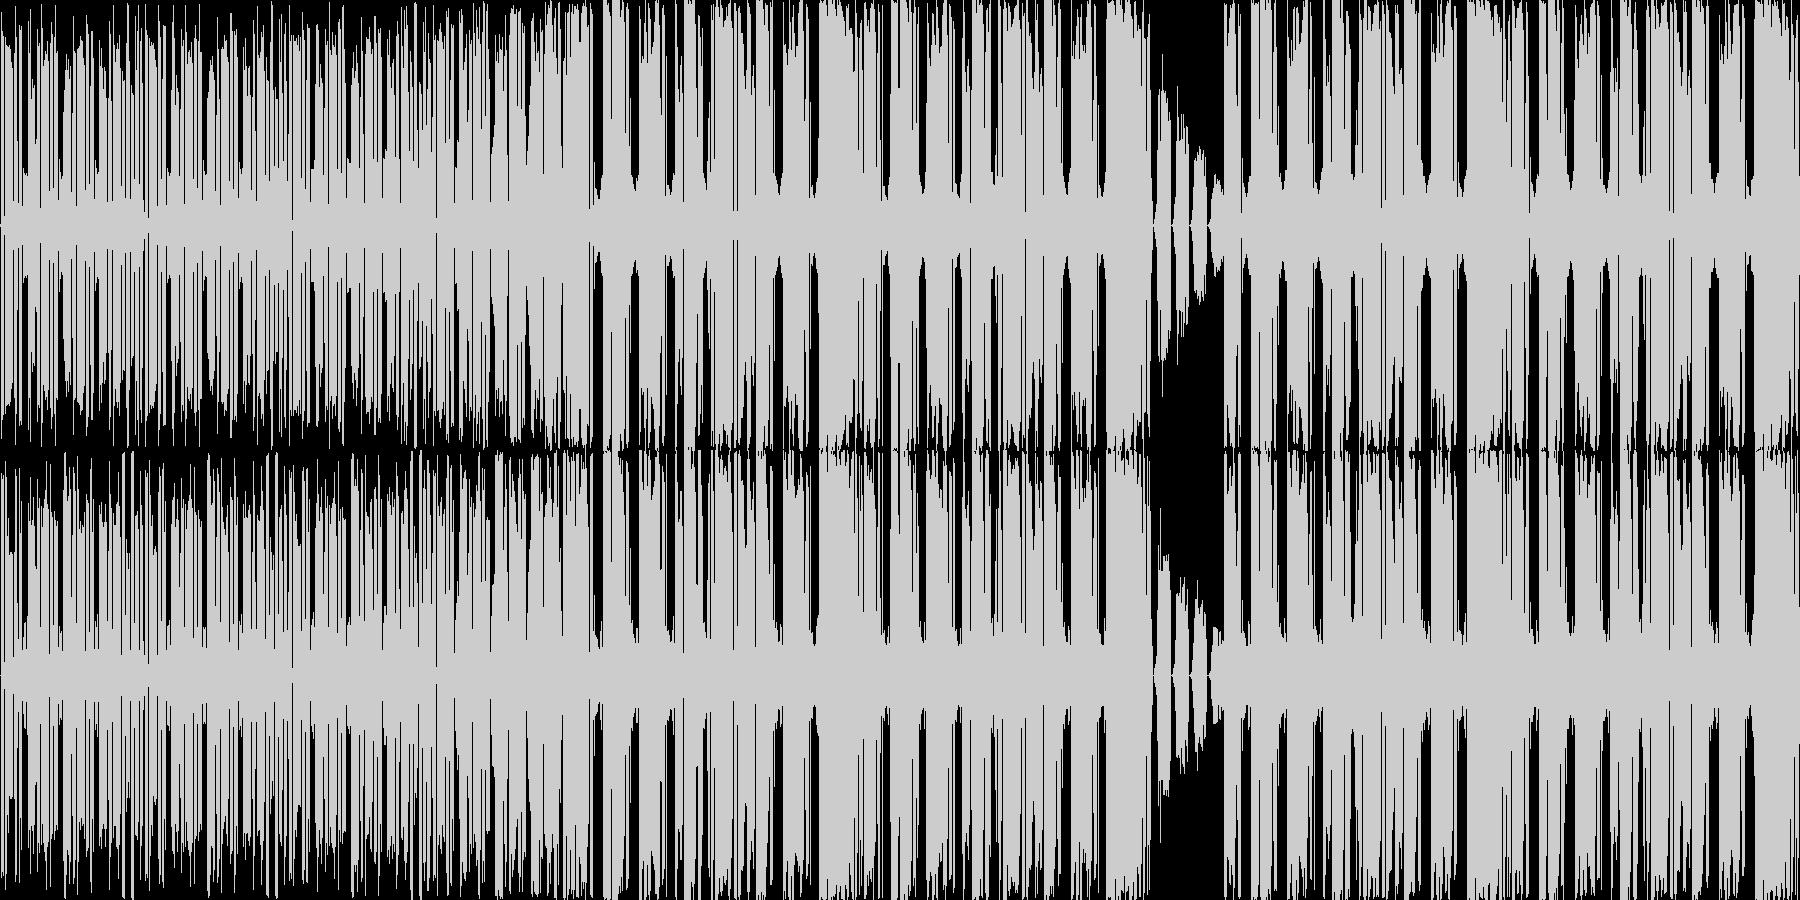 【サイバー/近未来/ダブステップ】の未再生の波形